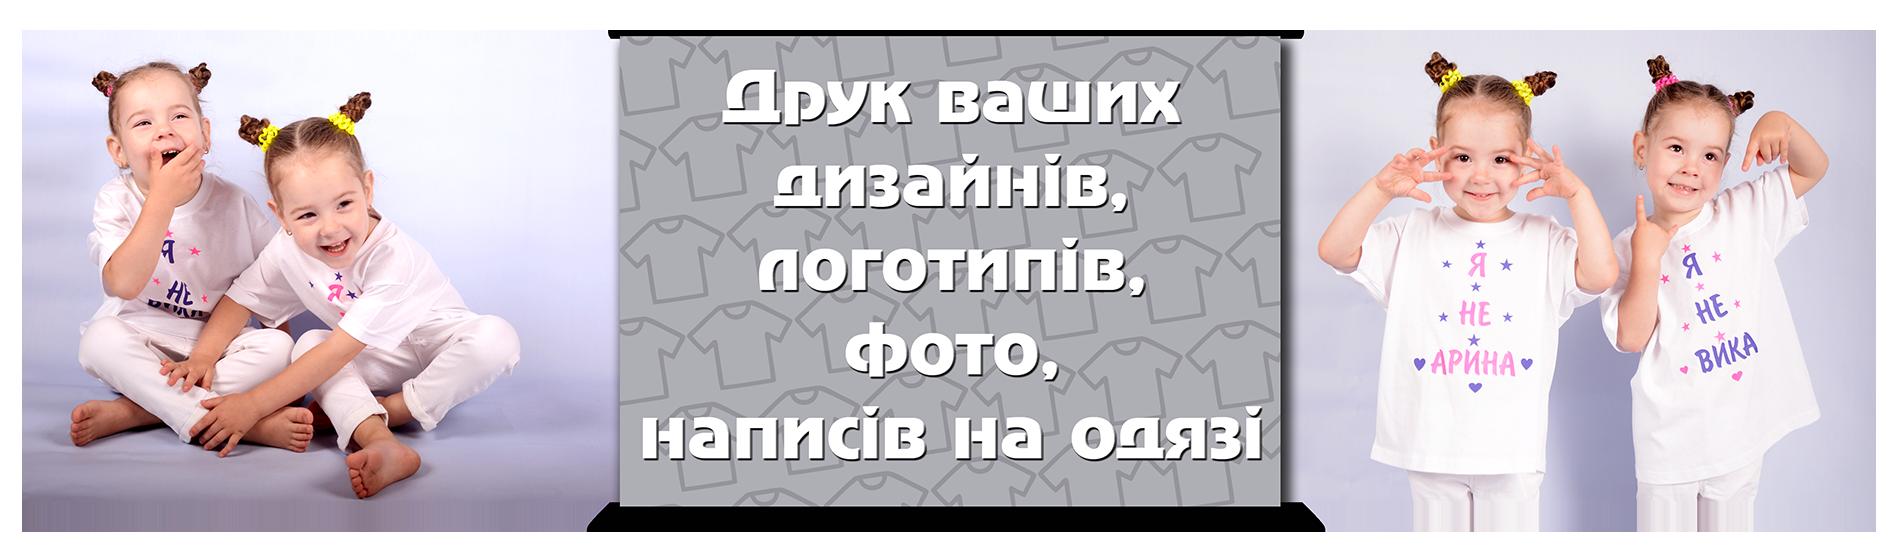 photovsesvit-karusel-zobraj-01